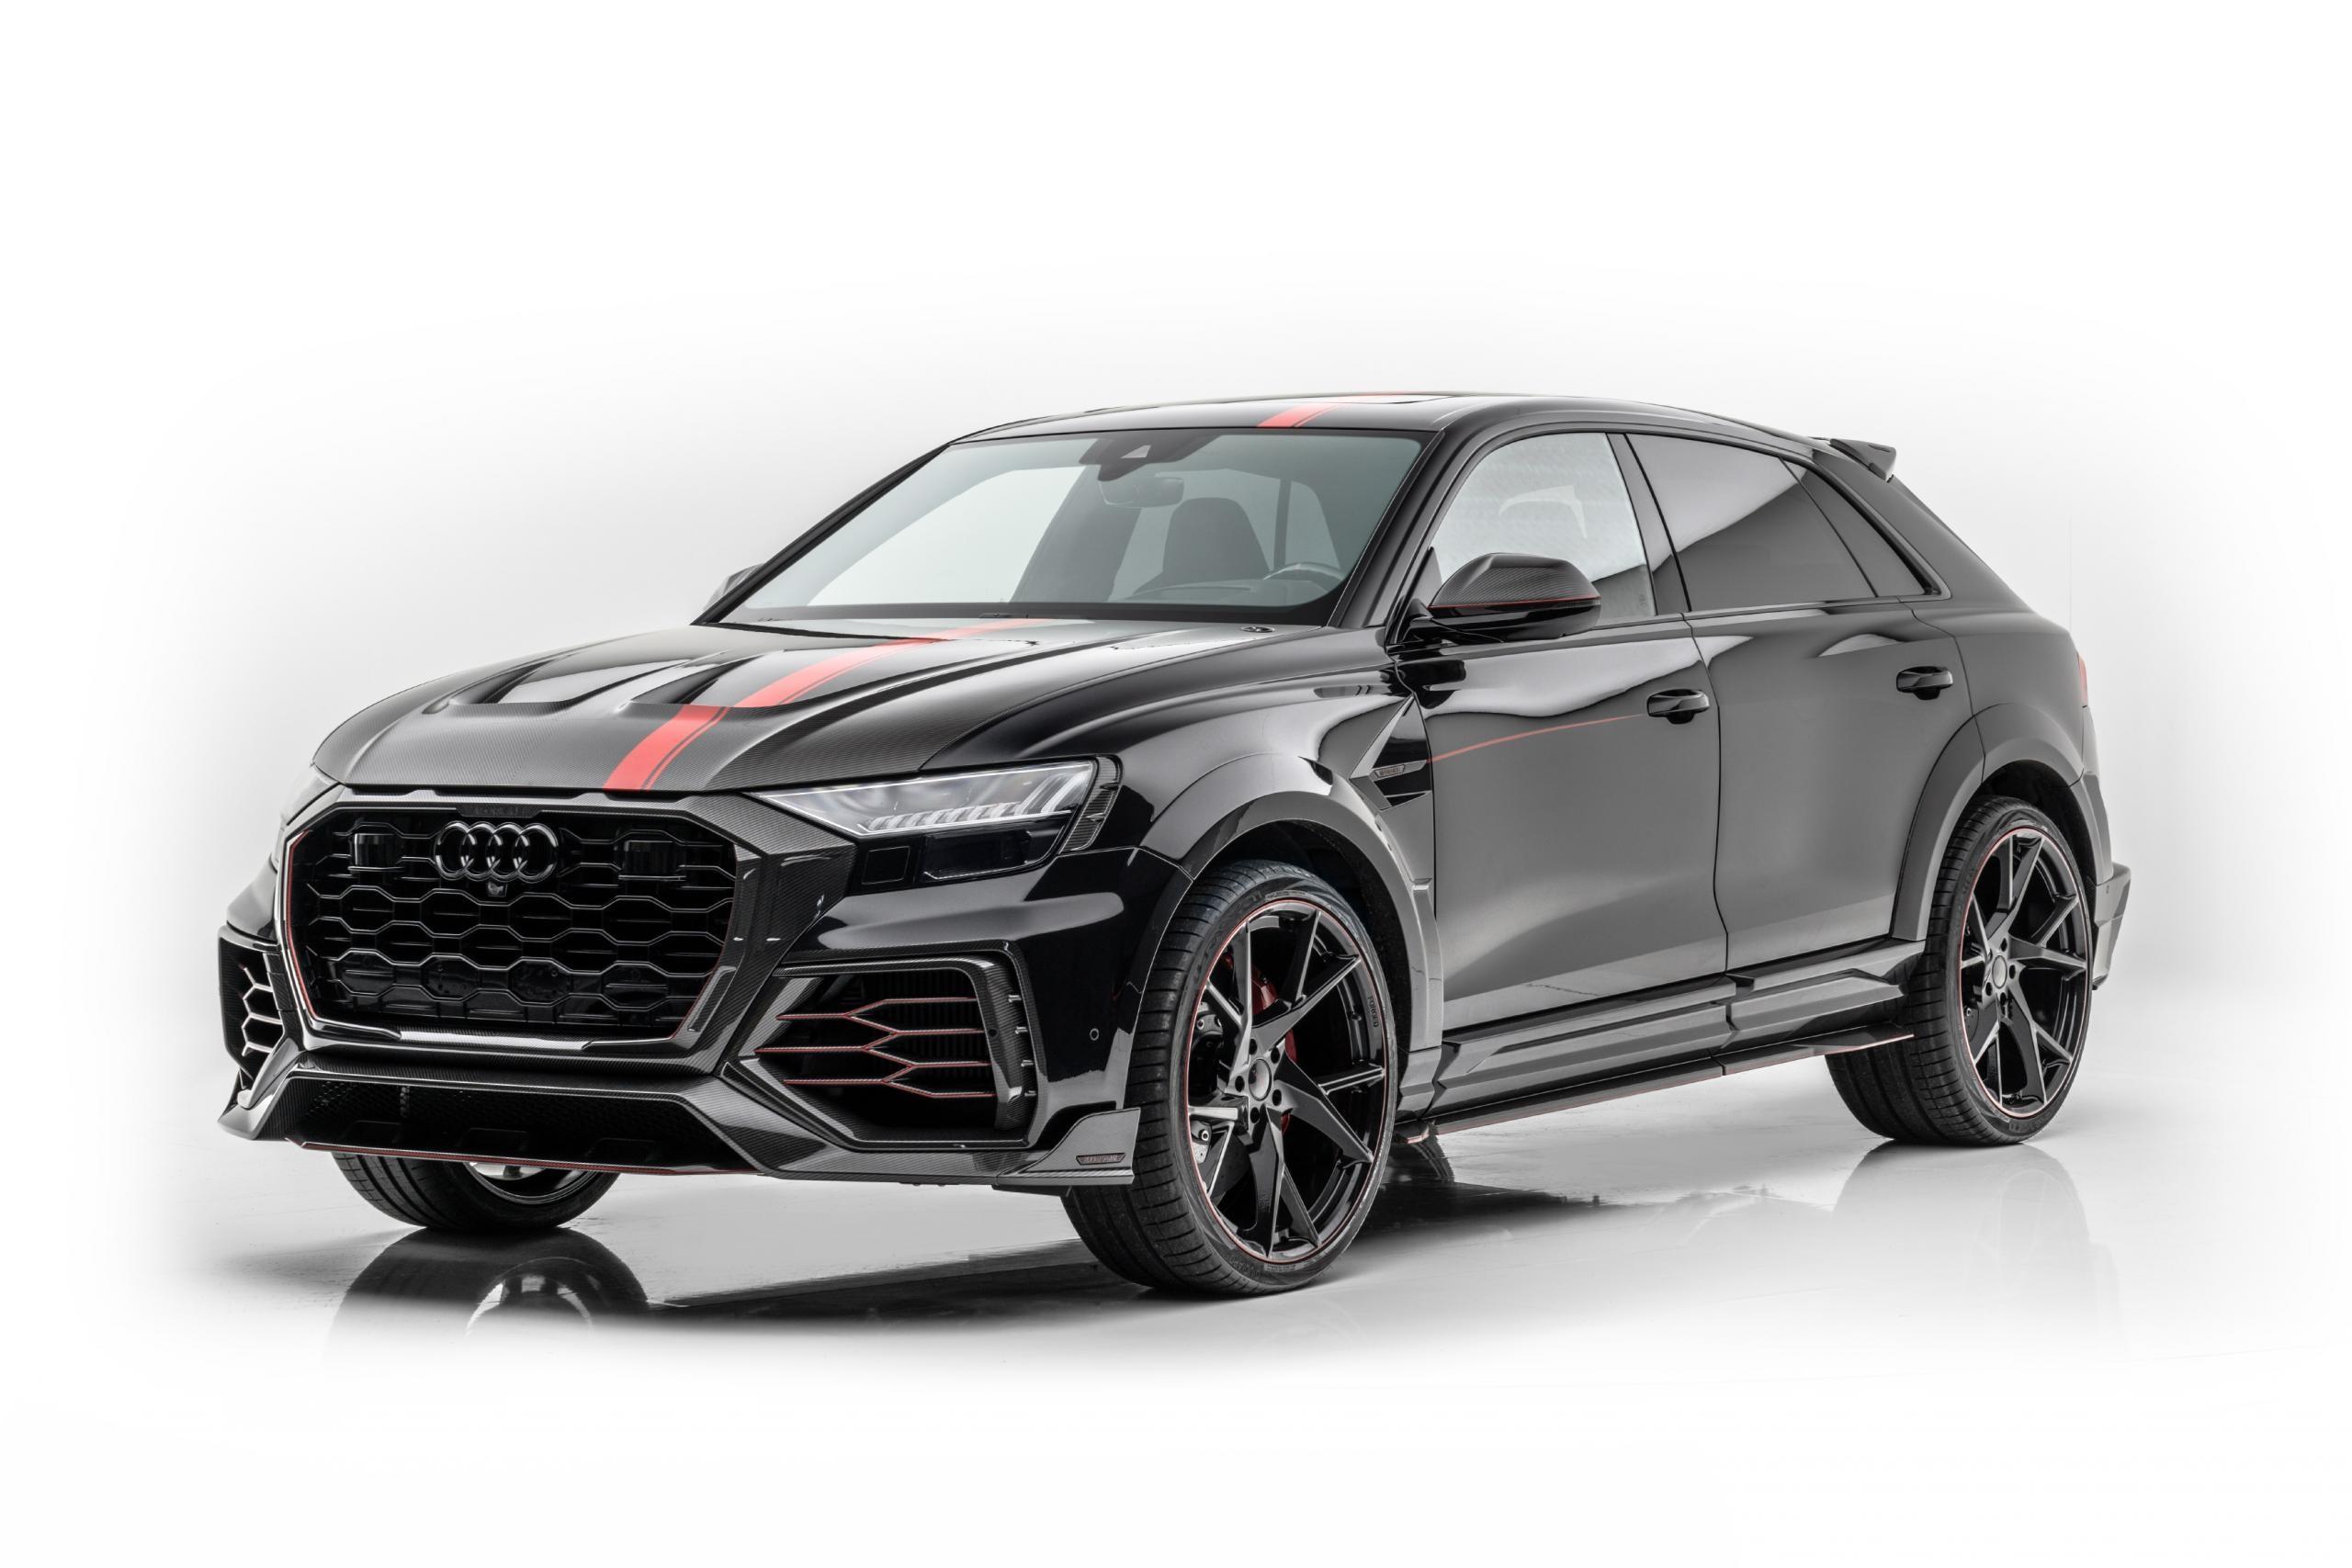 Kekurangan Audi Rs Review